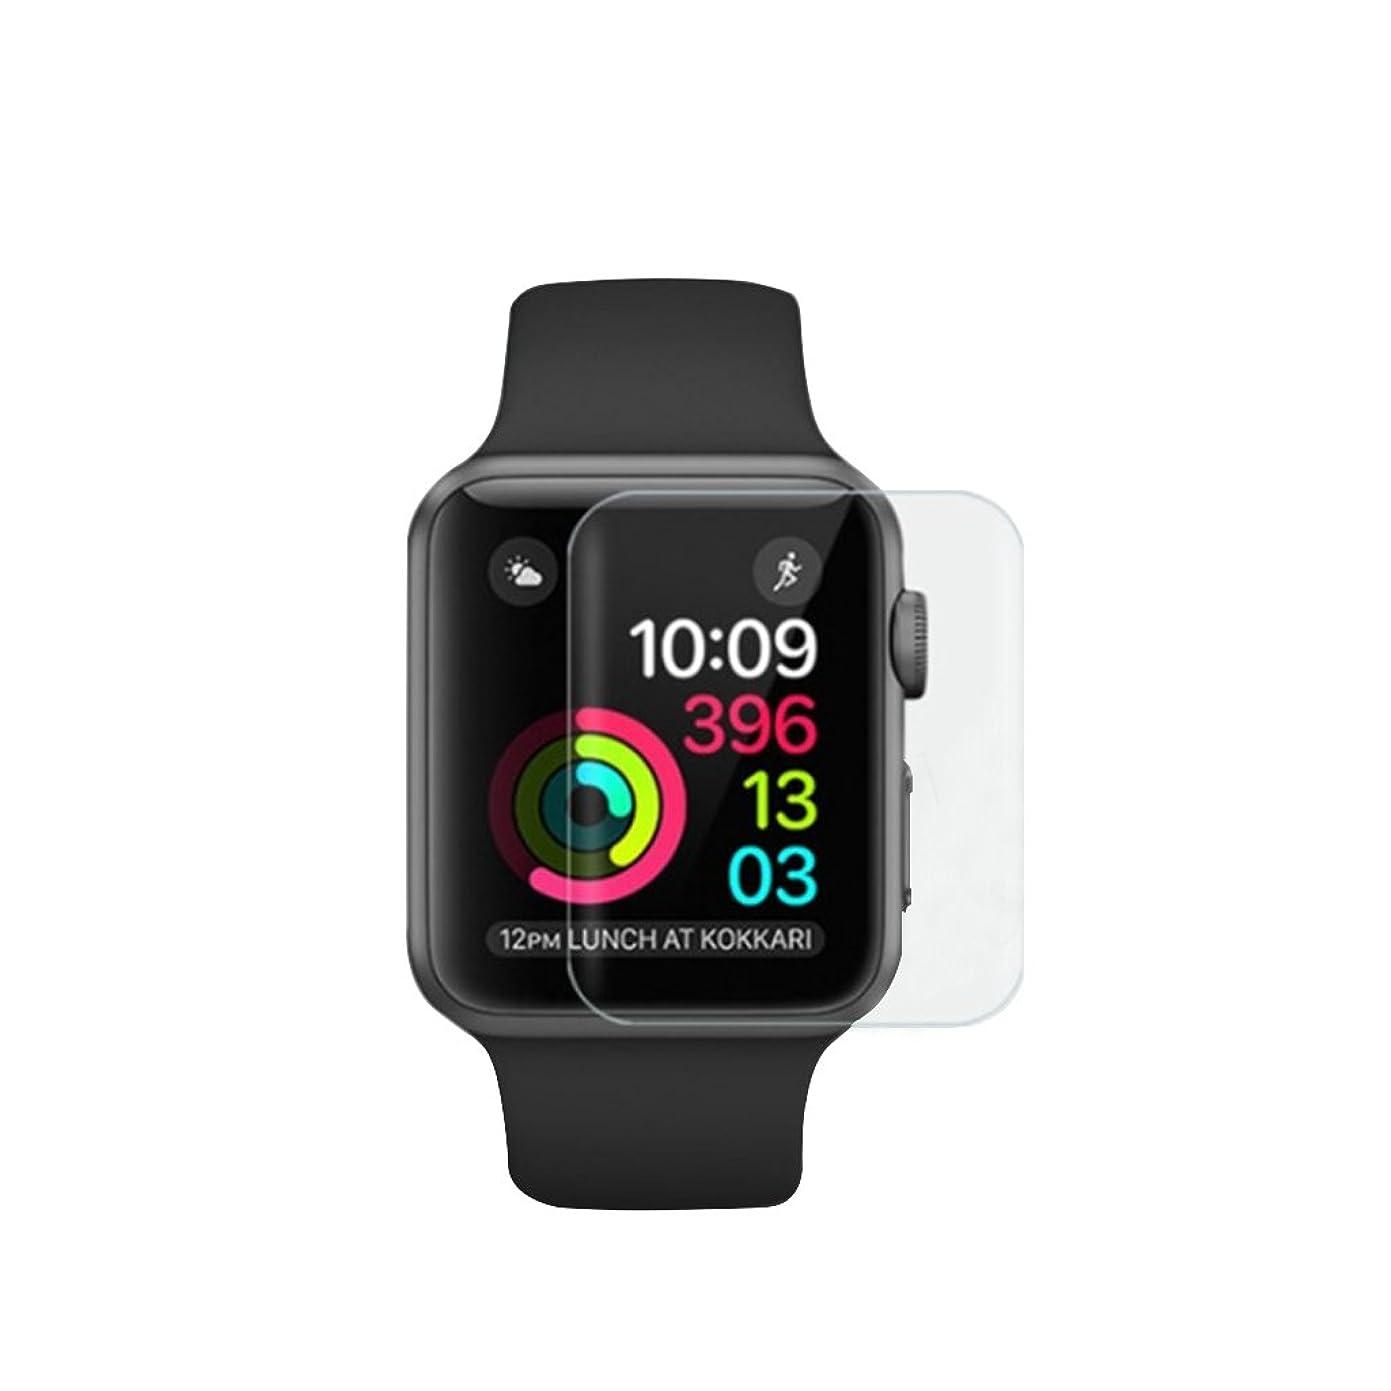 書士楽しいオーバードローJust a mall Apple Watchフィルム 液晶保護フィルム 衝撃吸収フィルム 防指紋 高感度 HD画面対応 42mm